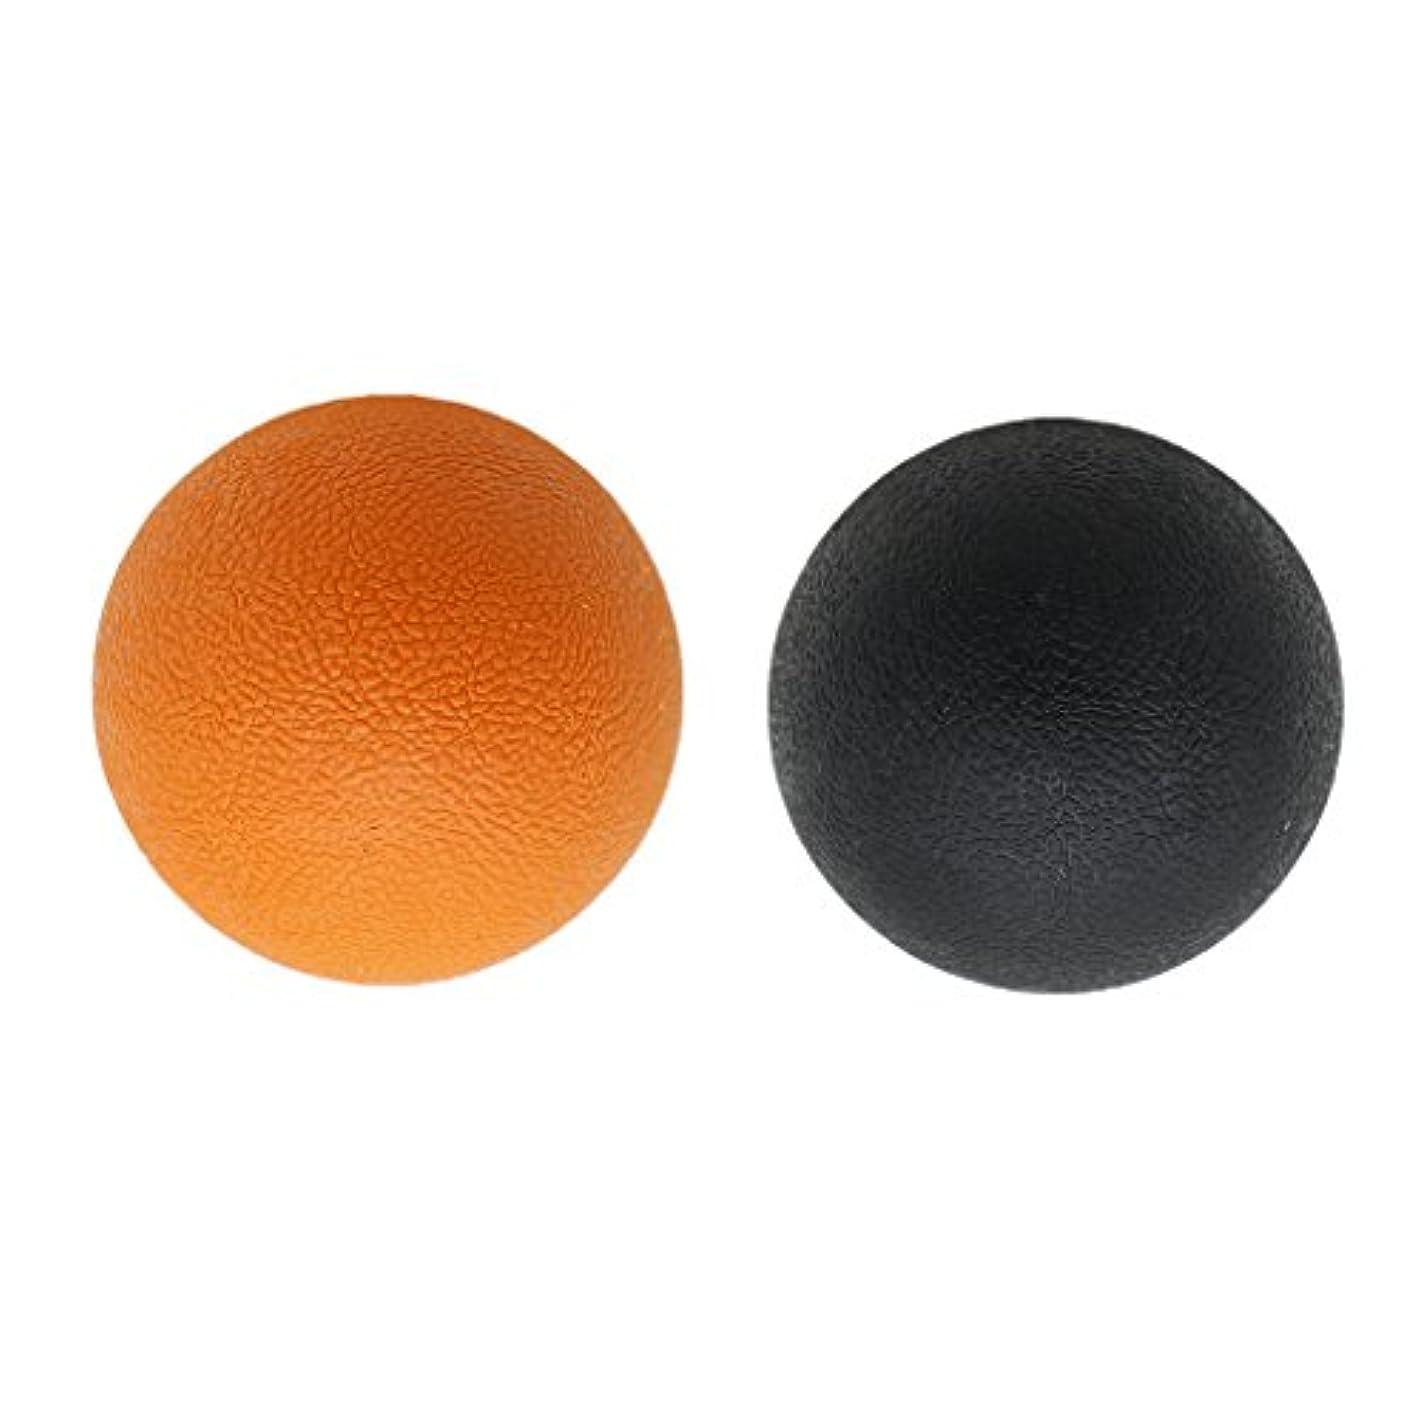 封筒ラップトップレタス2個 マッサージボール ラクロスボール トリガ ポイントマッサージ 弾性TPE 多色選べる - オレンジブラック